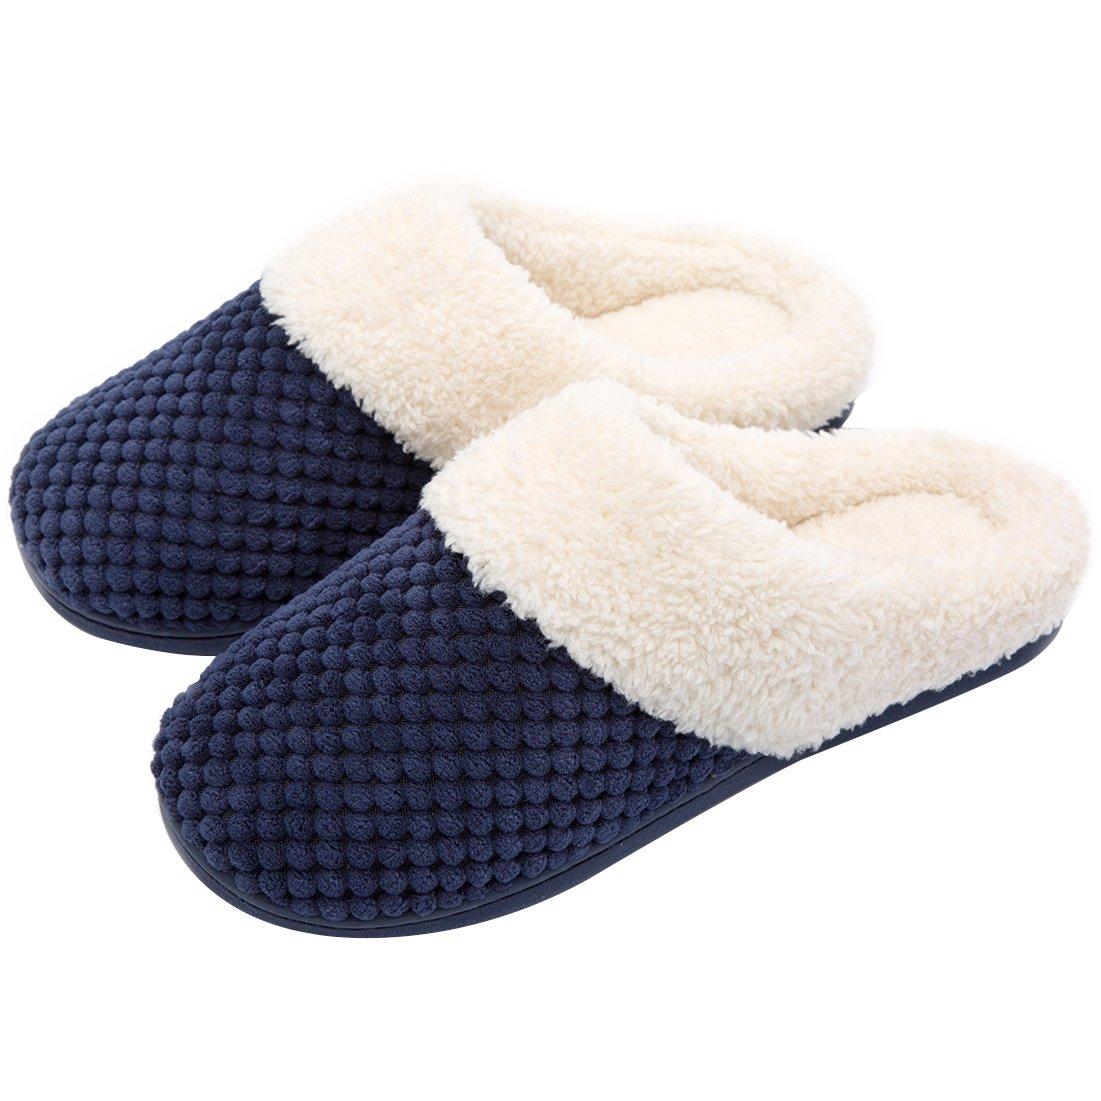 ULTRAIDEAS Women's Soft Gridding Coral Velvet Short Plush Lining Slip-on Memory Foam Clog Indoor Slippers (Medium / 7-8 B(M) US, Navy Blue)